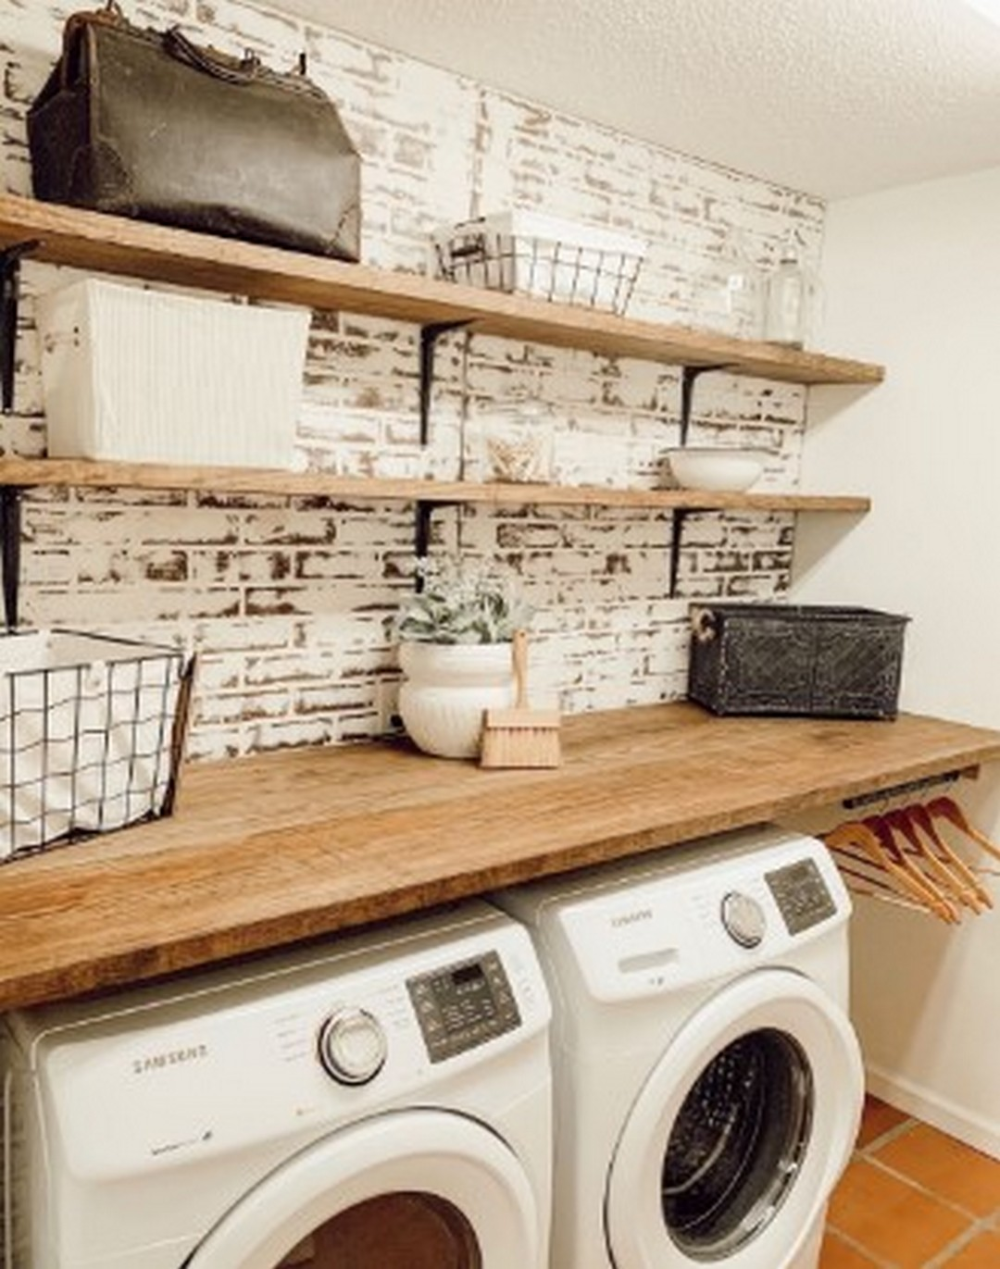 10x10 Laundry Room Layout: 5 Farmhouse Laundry Room Ideas Full Of Enchantment